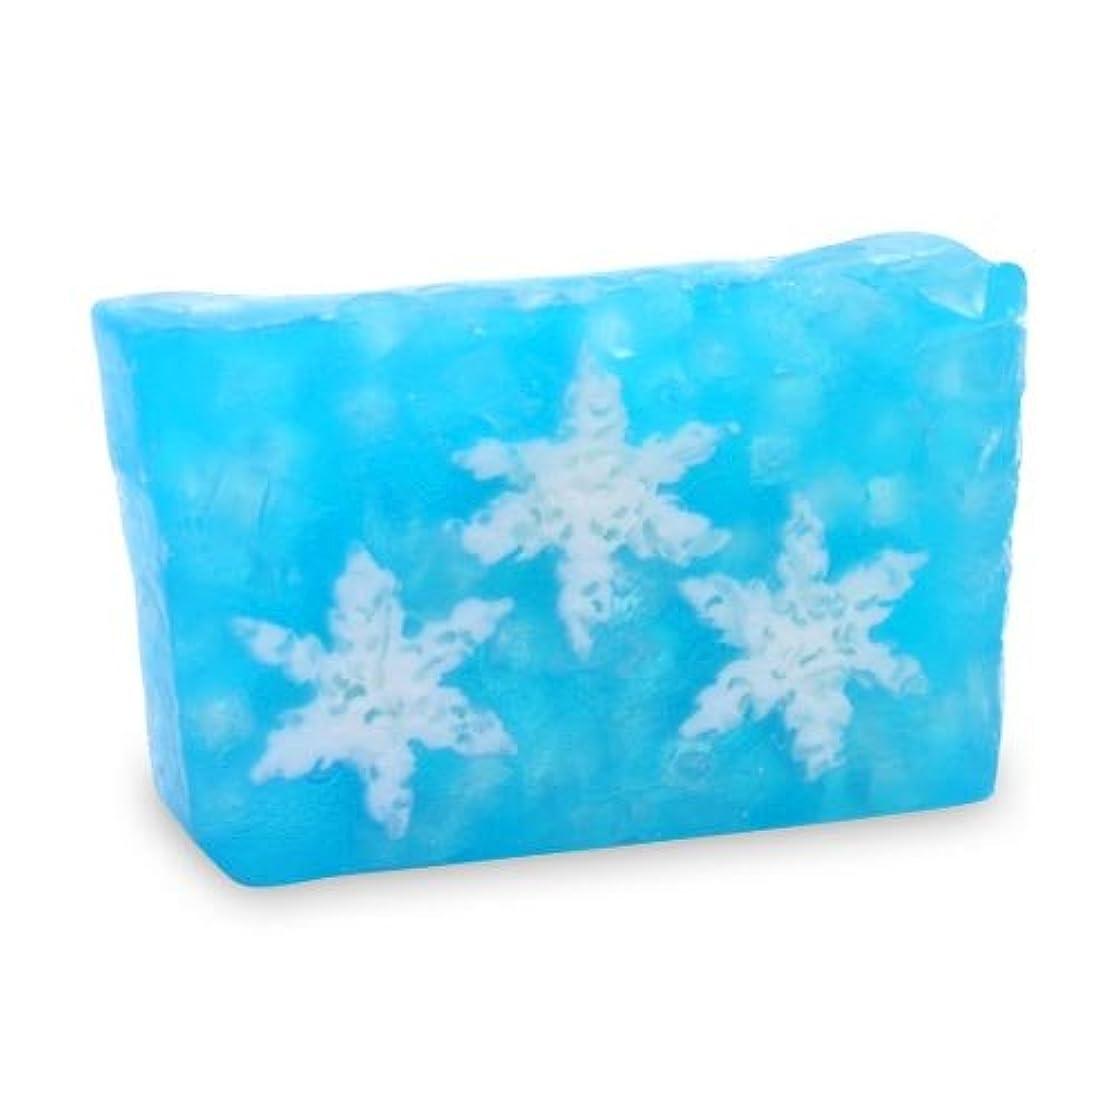 繊維ガラス毎回プライモールエレメンツ アロマティック ソープ スノーフレーク 180g 植物性 ナチュラル 石鹸 無添加